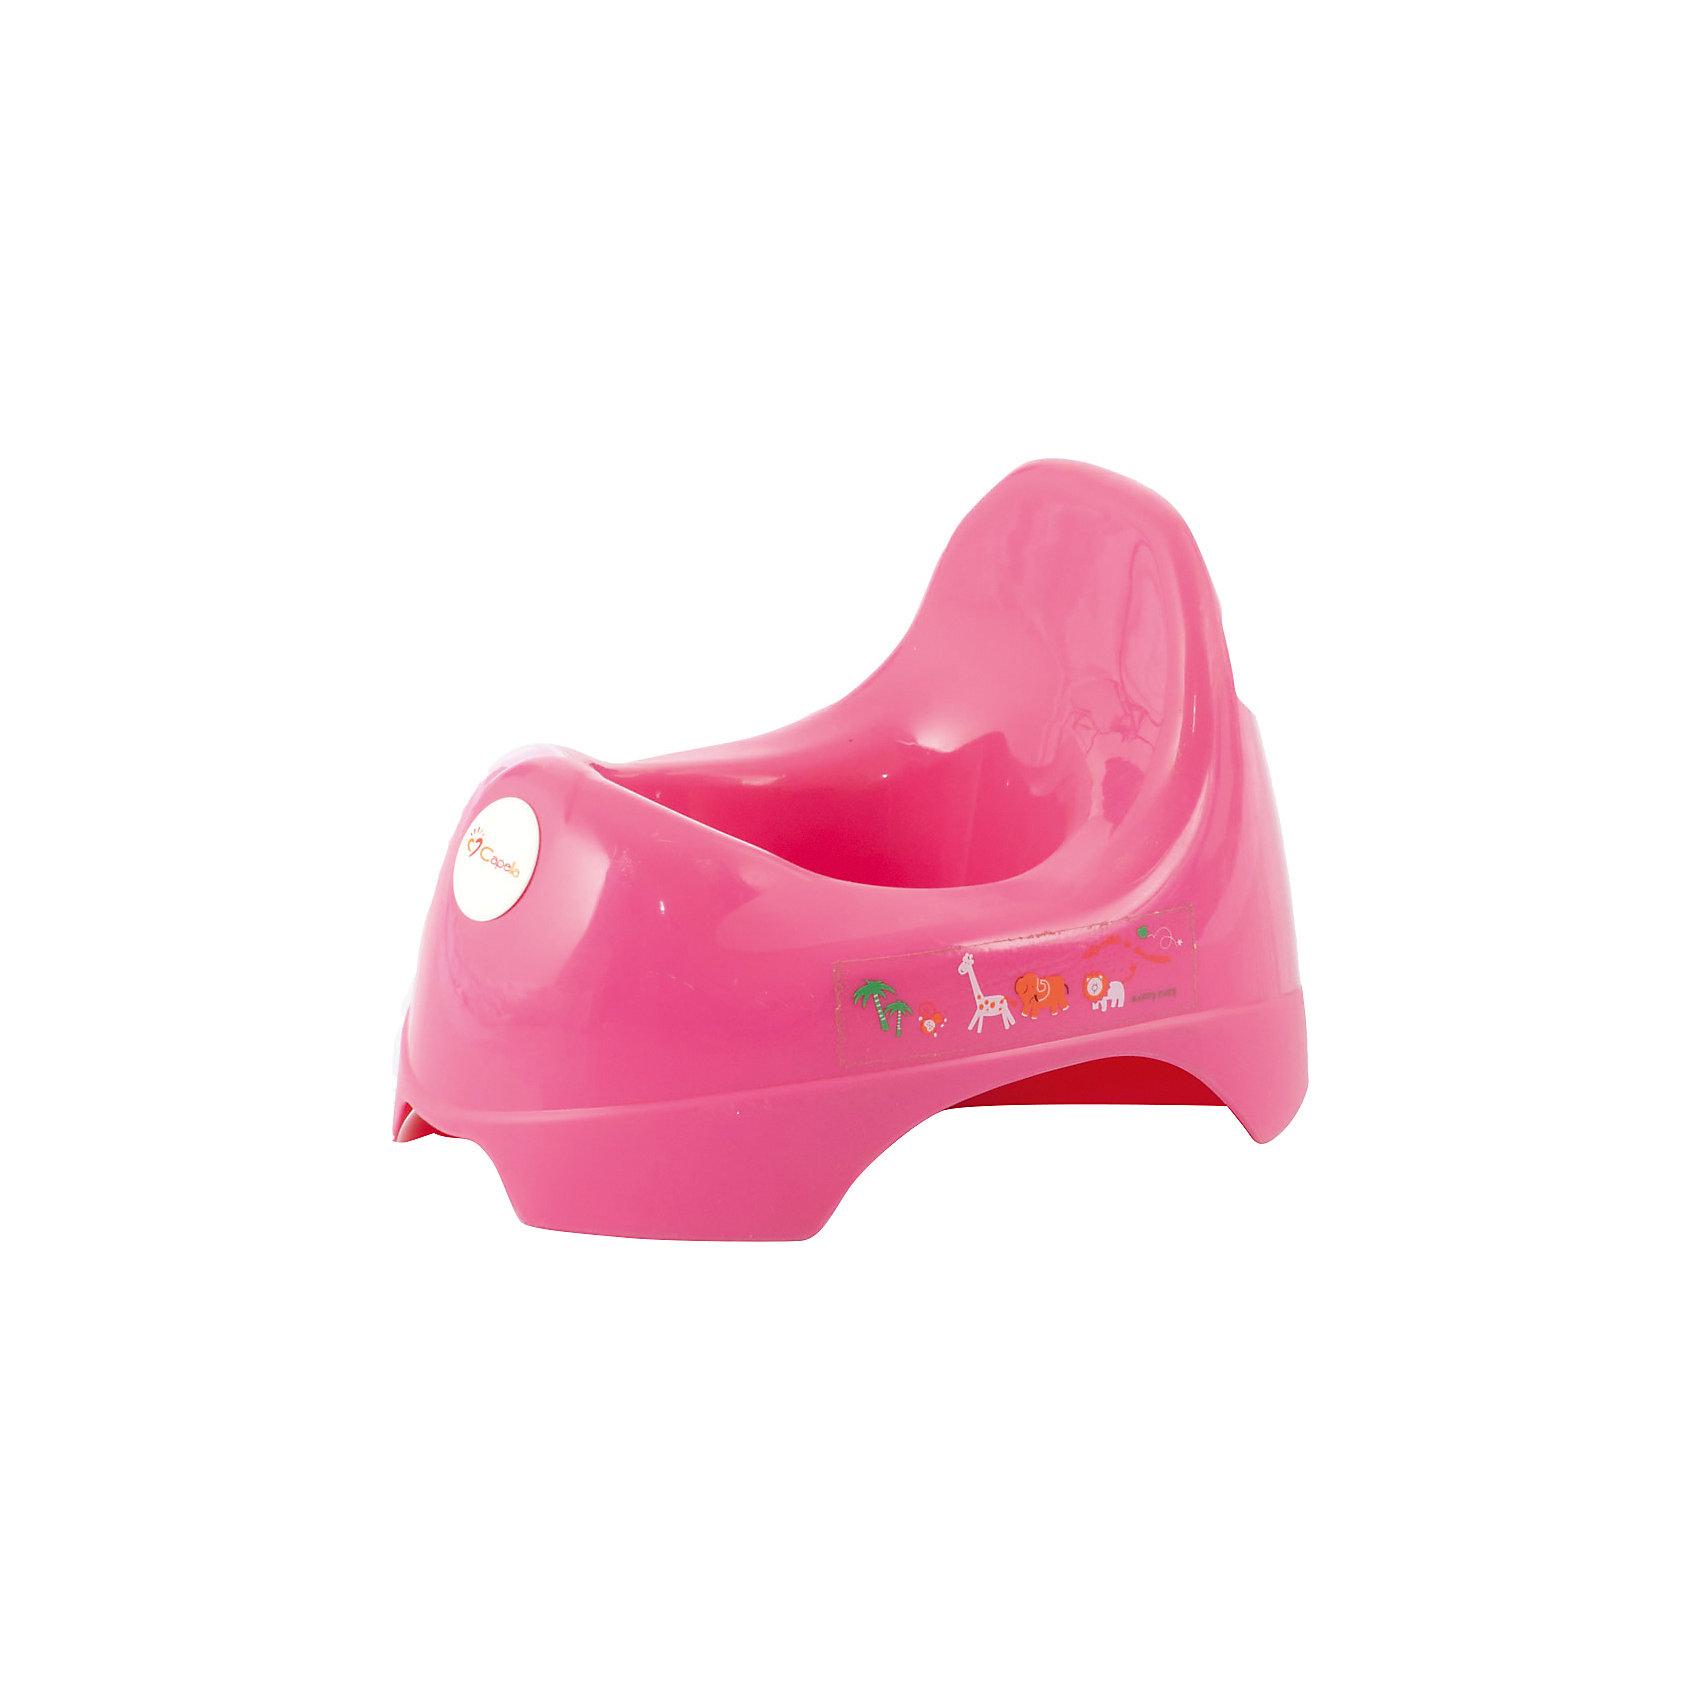 Горшок анатомический  JBB-A, Baby Care, розовыйГоршки, сиденья для унитаза, стульчики-подставки<br>Горшок Baby Care (Беби Кэа) прекрасно сочетает в себе отличную функциональность и удобство. Анатомическая форма горшка и высокая спинка позволяют малышу удобно расположиться на горшке даже если ему требуется много времени. Горшок Baby Care (Беби Кэа) очень легко мыть, так как он не обременен ненужными деталями и не впитывает запахи. Малышу понравится горшочек, ведь по его бокам есть милые картинки. Универсальный анатомический горшок хорошо подходит как мальчикам так и девочкам. Горшок очень устойчивый, конструкция защитит от разбрызгивания, а высокая спинка позволит ребенку удобно устроиться. Горшок выполнен из нетоксичных гипоаллергенных материалов поэтому не вызовет аллергии. Baby Care (Беби Кэа) - лучший помощник в приучении к горшку!<br><br>Дополнительная информация:<br><br>- Анатомическая форма идеальна для приучения к горшку;<br>- Подходит как для мальчиков, так и для девочек;<br>- Устойчивый;<br>- Легко мыть;<br>- Выполнен из безопасных материалов;<br>- Цвет: розовый;<br>- Размер: 32 х 22 см;<br>- Высота спереди: 20 см; сзади: 22 см;<br>- Вес: 0,7 кг<br><br>Горшок анатомический  JBB-A, Baby Care (Беби Кэа), розовый можно купить в нашем интернет-магазине.<br><br>Ширина мм: 320<br>Глубина мм: 220<br>Высота мм: 220<br>Вес г: 700<br>Возраст от месяцев: 6<br>Возраст до месяцев: 36<br>Пол: Женский<br>Возраст: Детский<br>SKU: 4028893